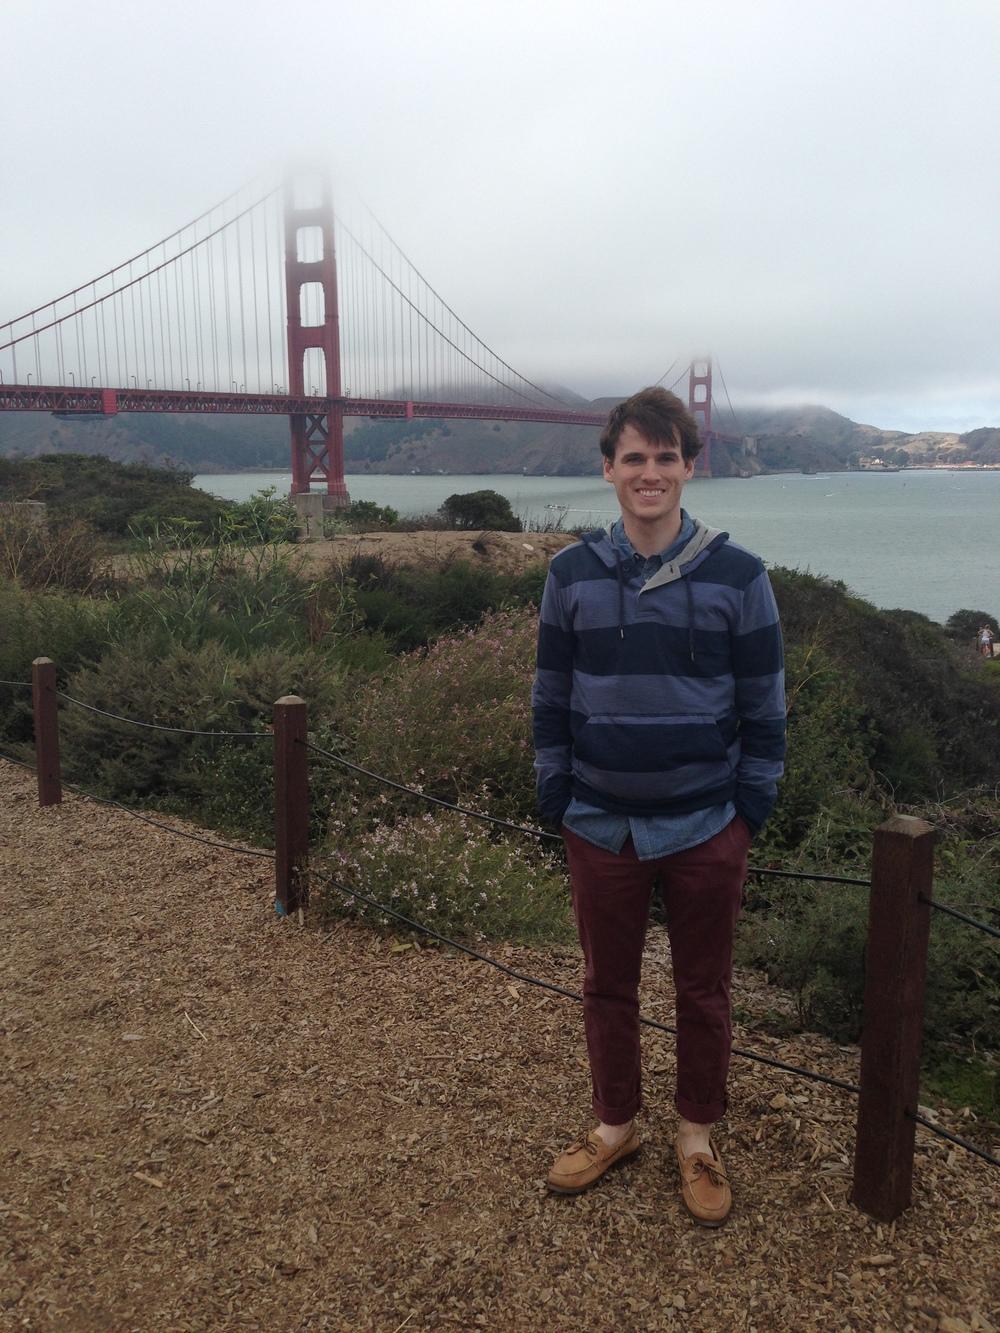 Golden Gate Husband